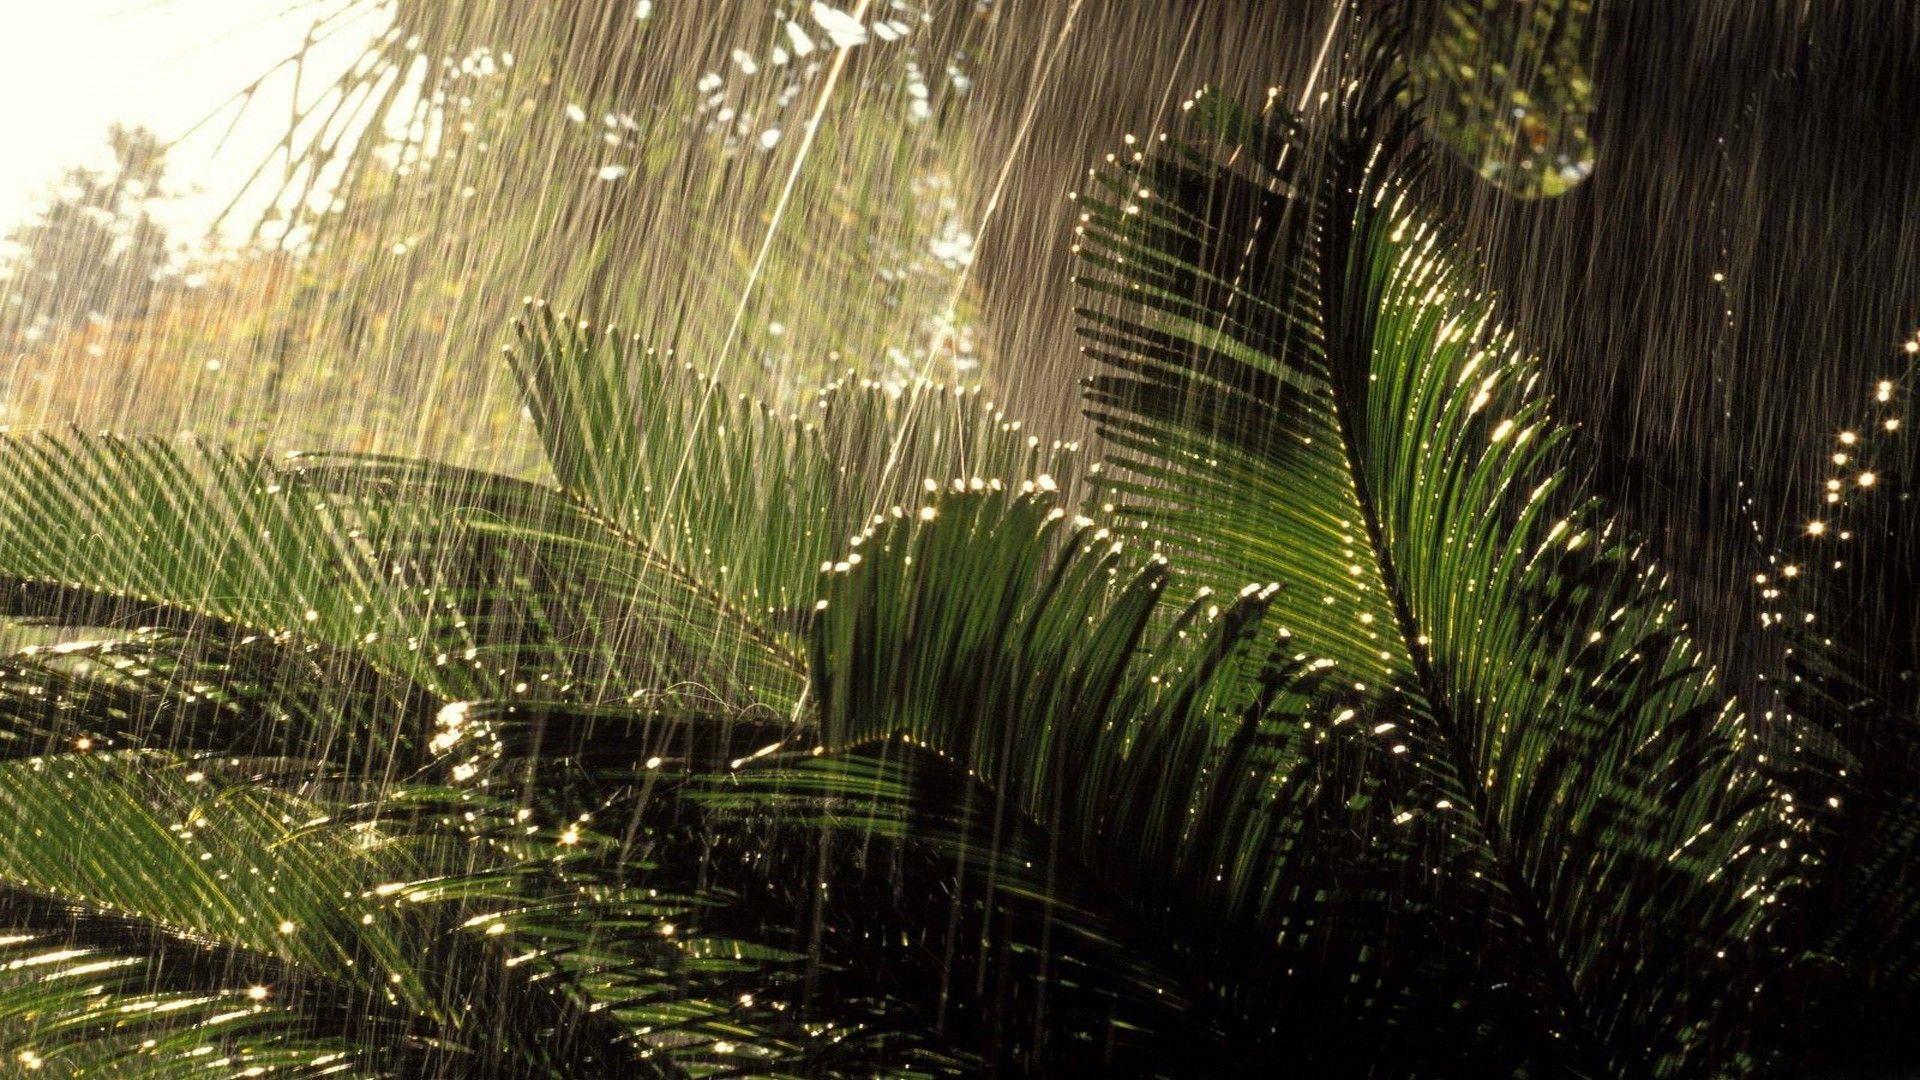 Nature Wallpaper Rainy Season Natural